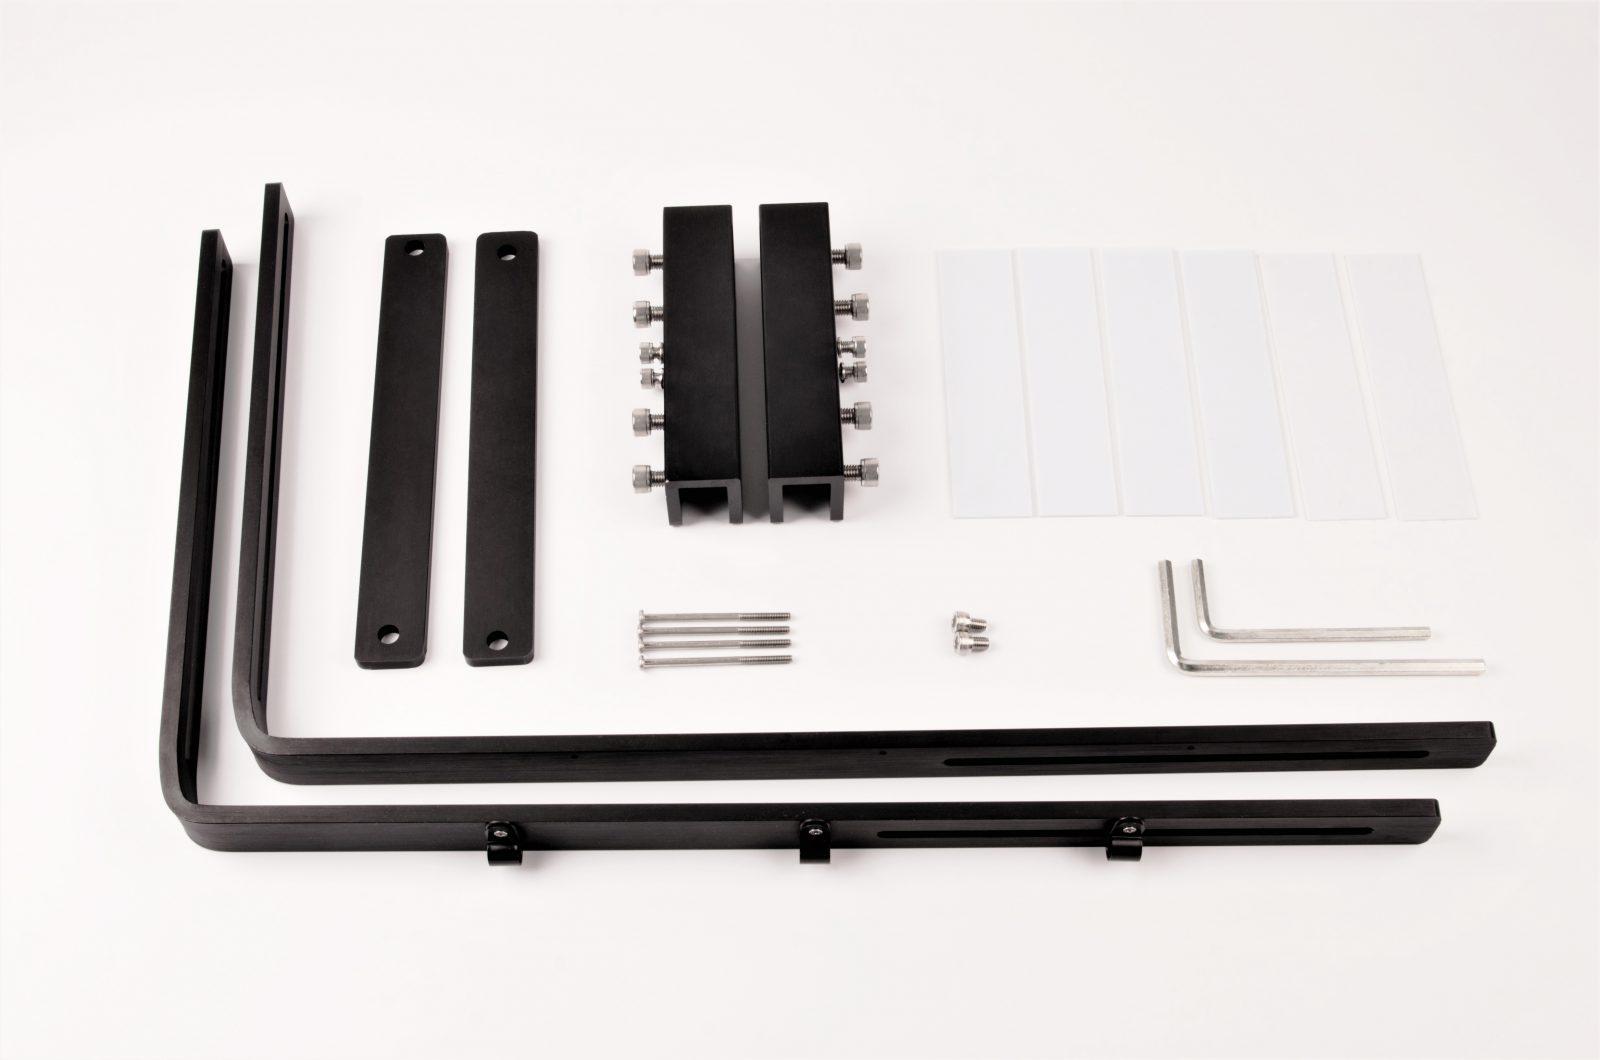 Mounting kit parts